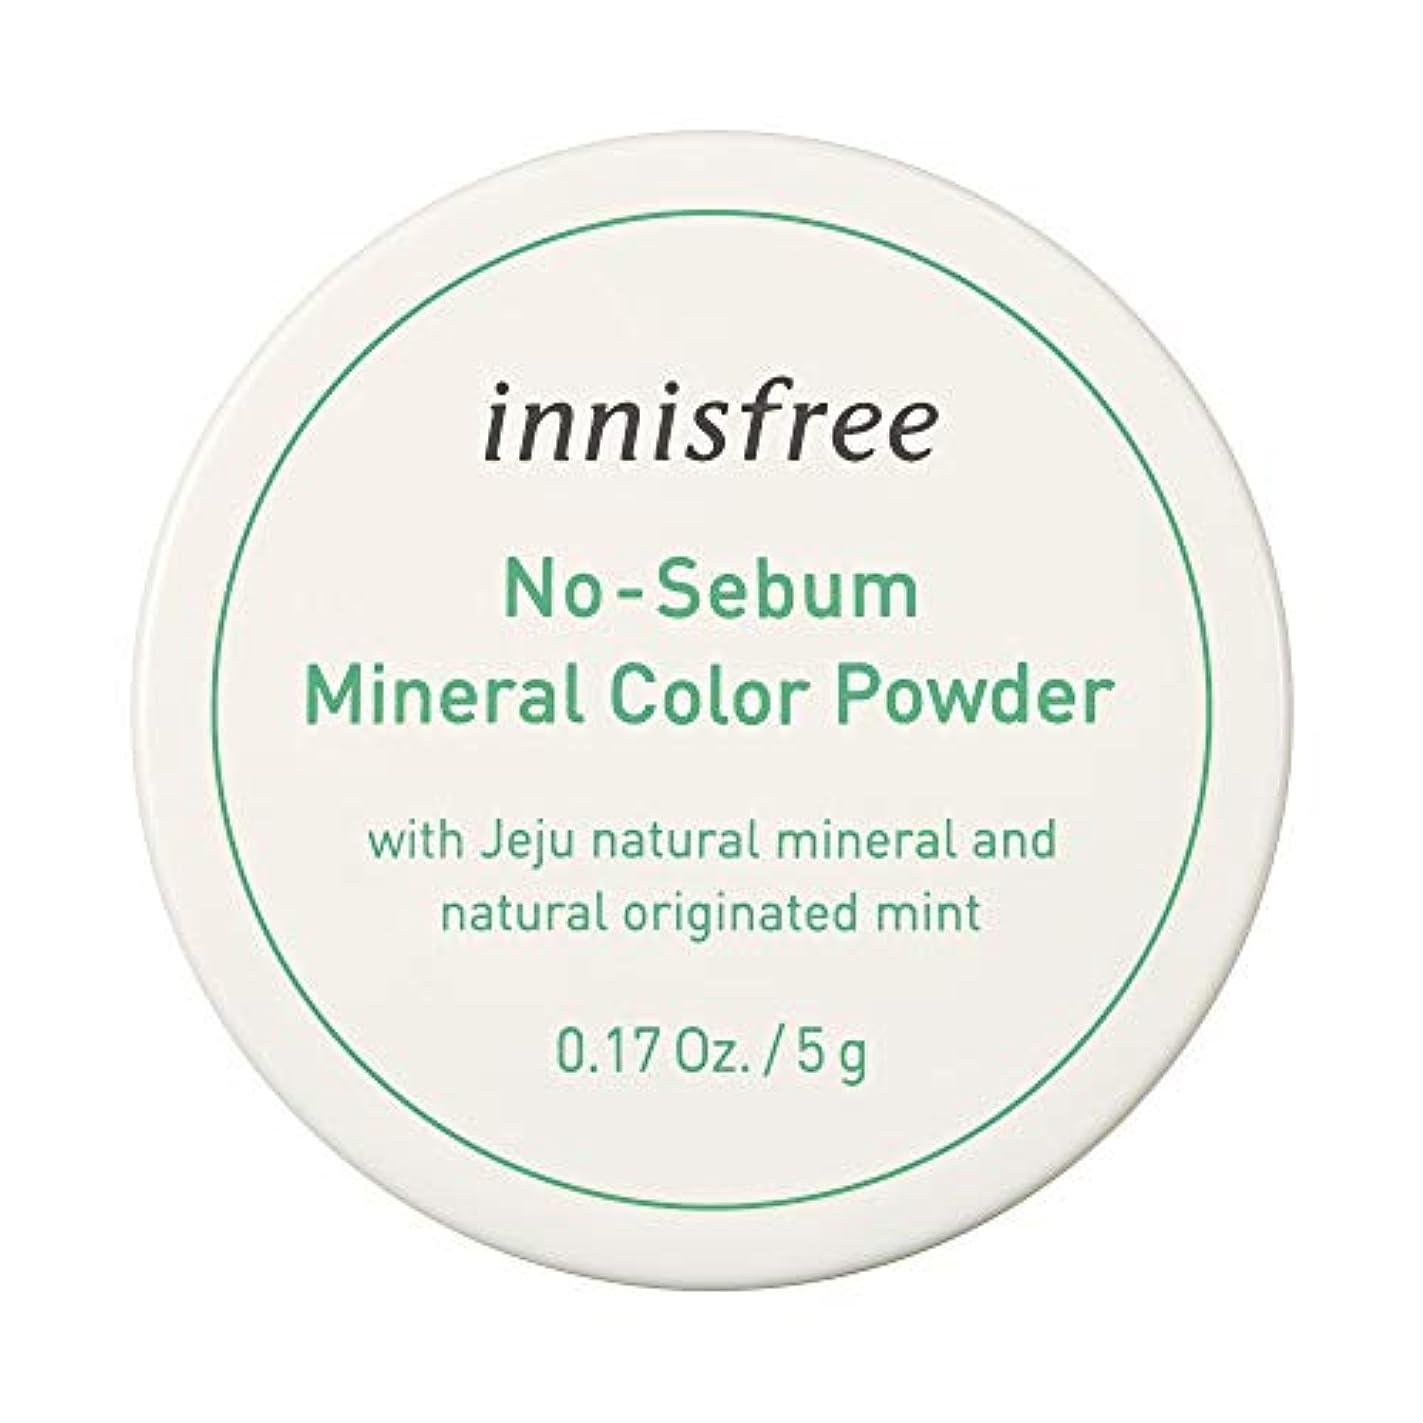 雨クランプ軽食イニスフリー(innisfree) ノーセバム ミネラルカラーパウダー 2[グリーン (赤みの補正に)] ファンデーション パウダー/グリーン 5g